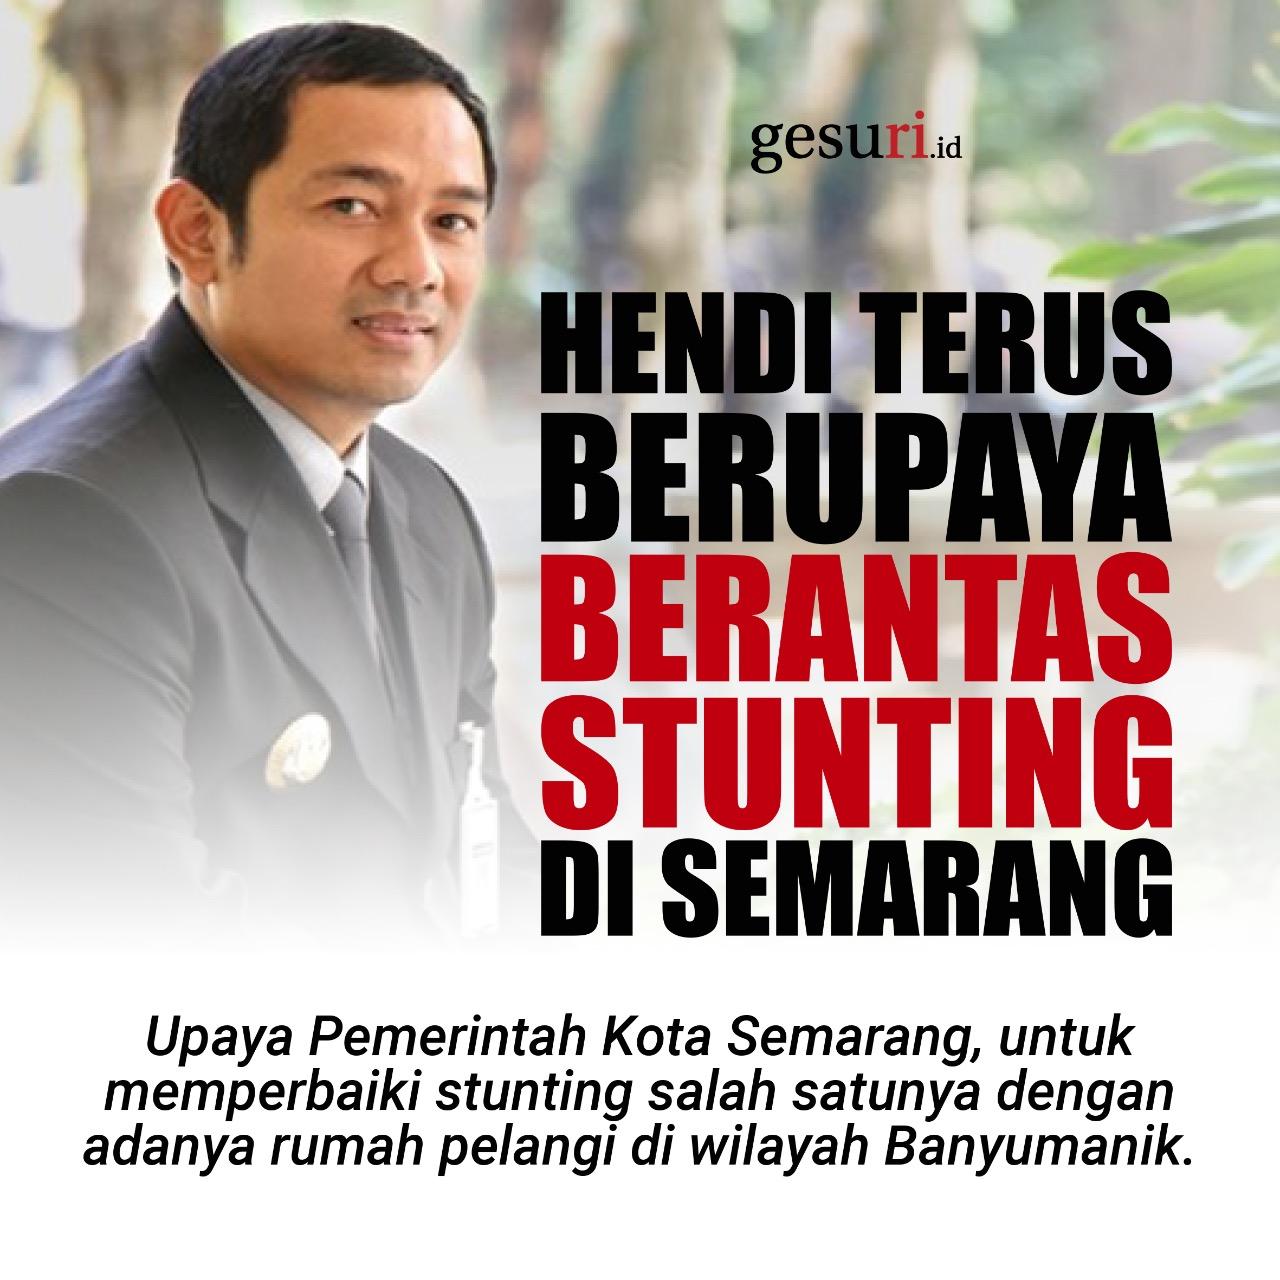 Hendi Terus Berupaya Keras Berantas Stunting di Semarang